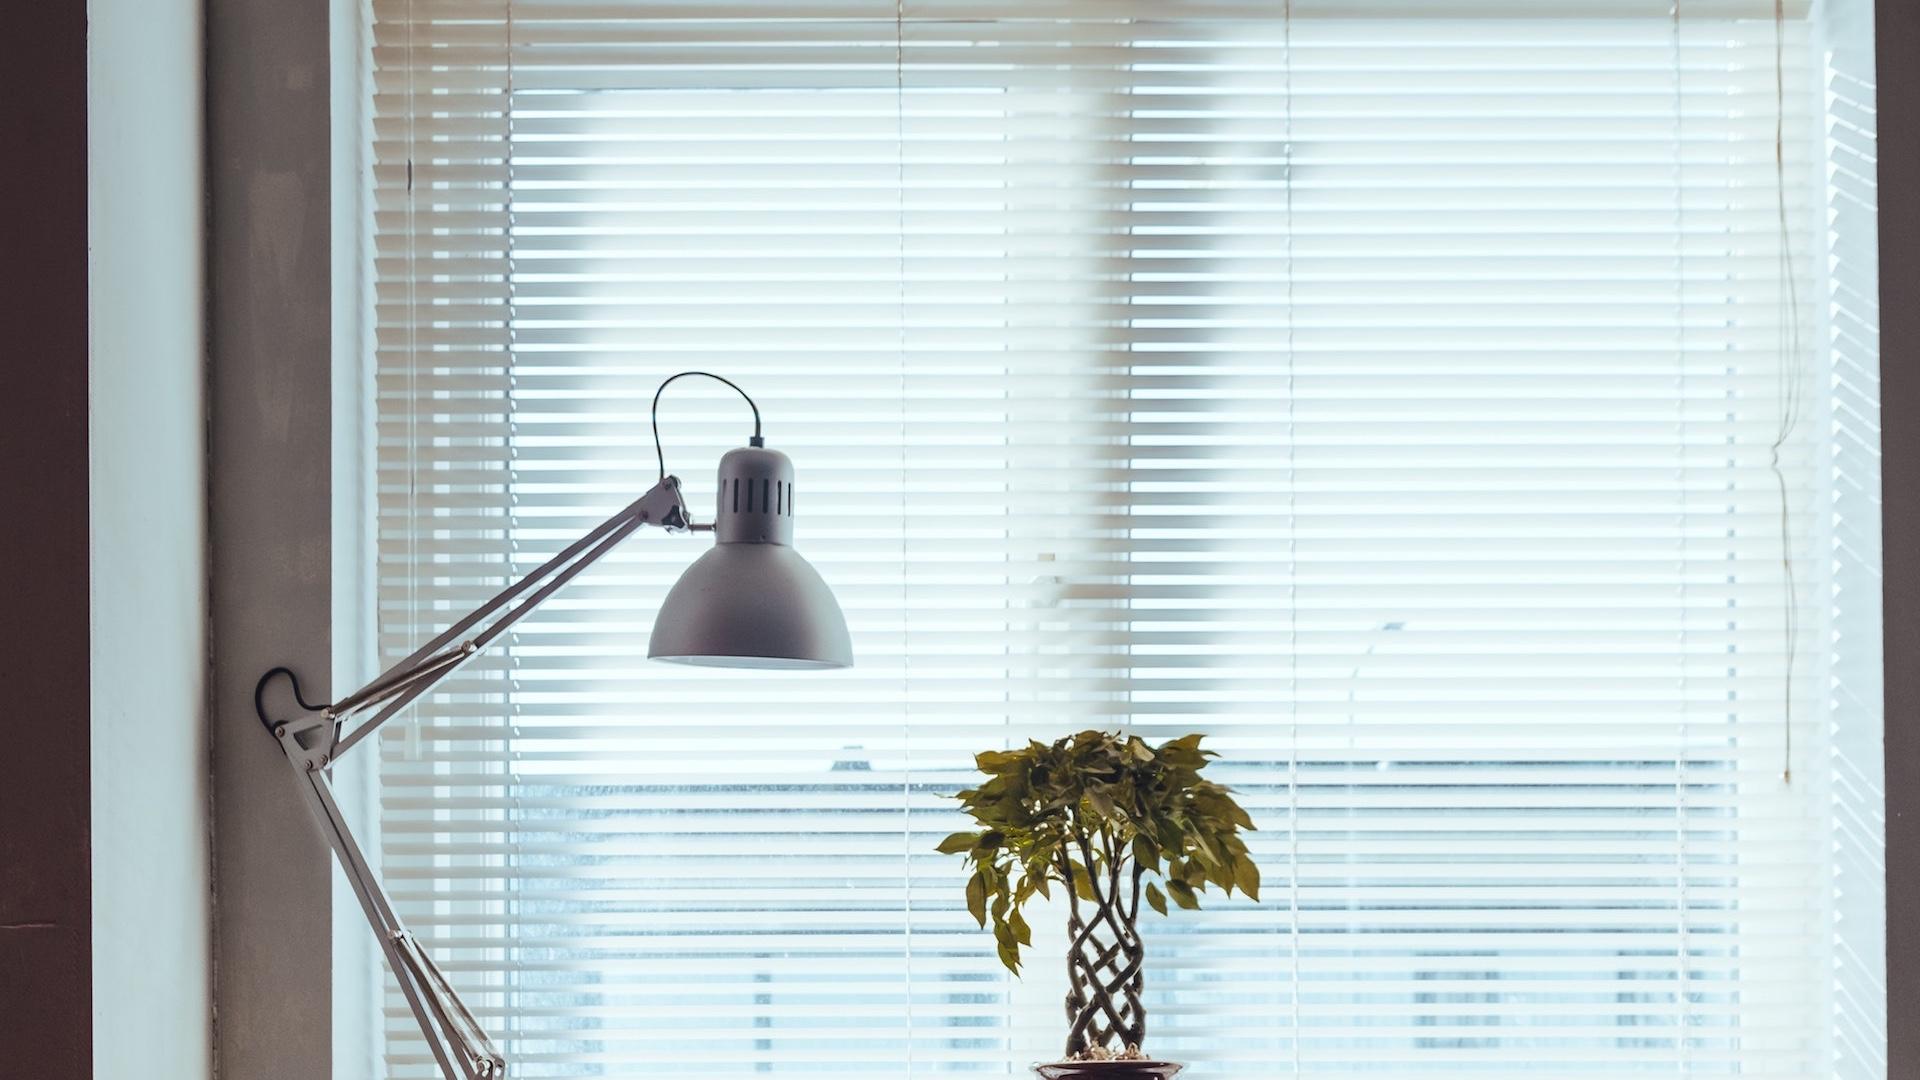 ブラインドのある窓とデスクライトの無料バーチャル背景素材